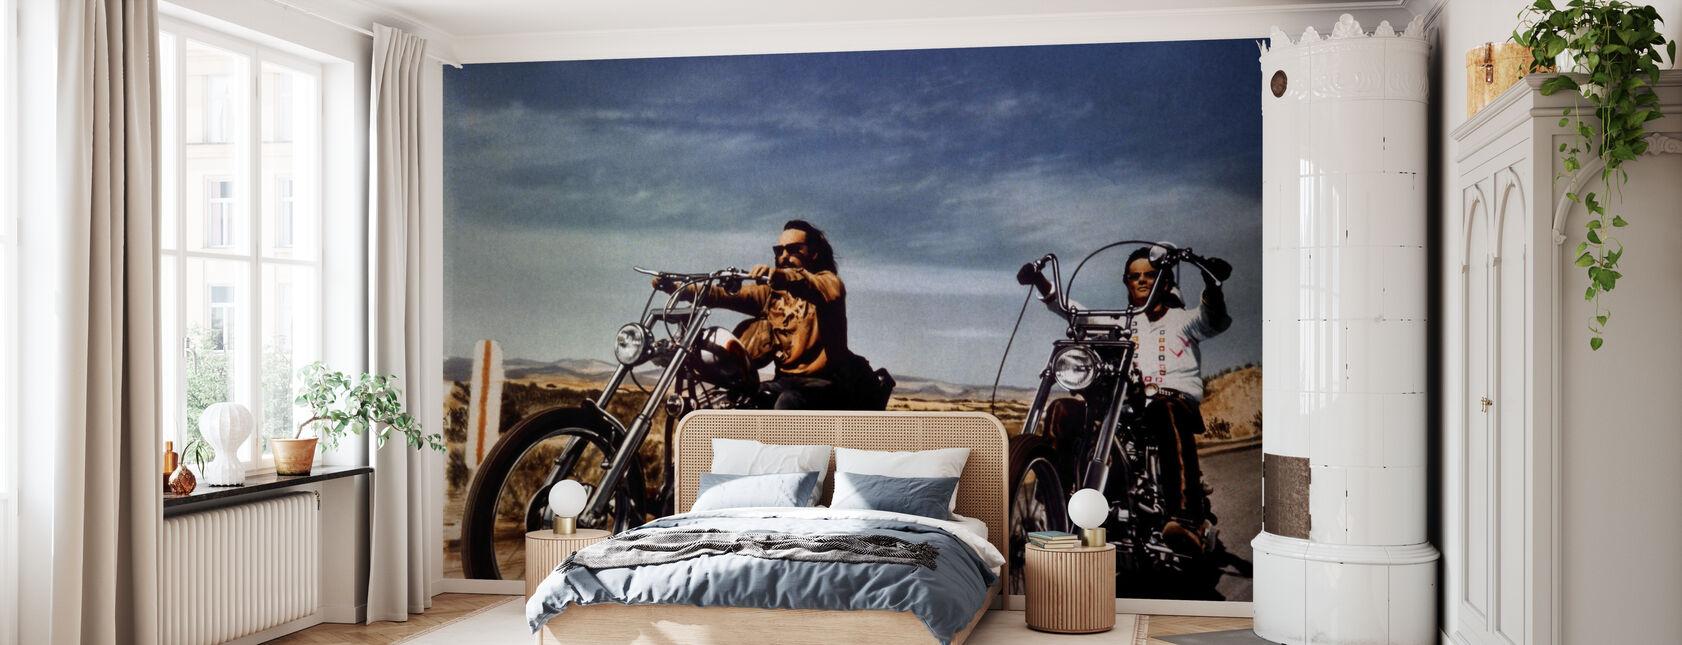 Dennis Hopper i Peter Fonda w łatwy jeździec - Tapeta - Sypialnia